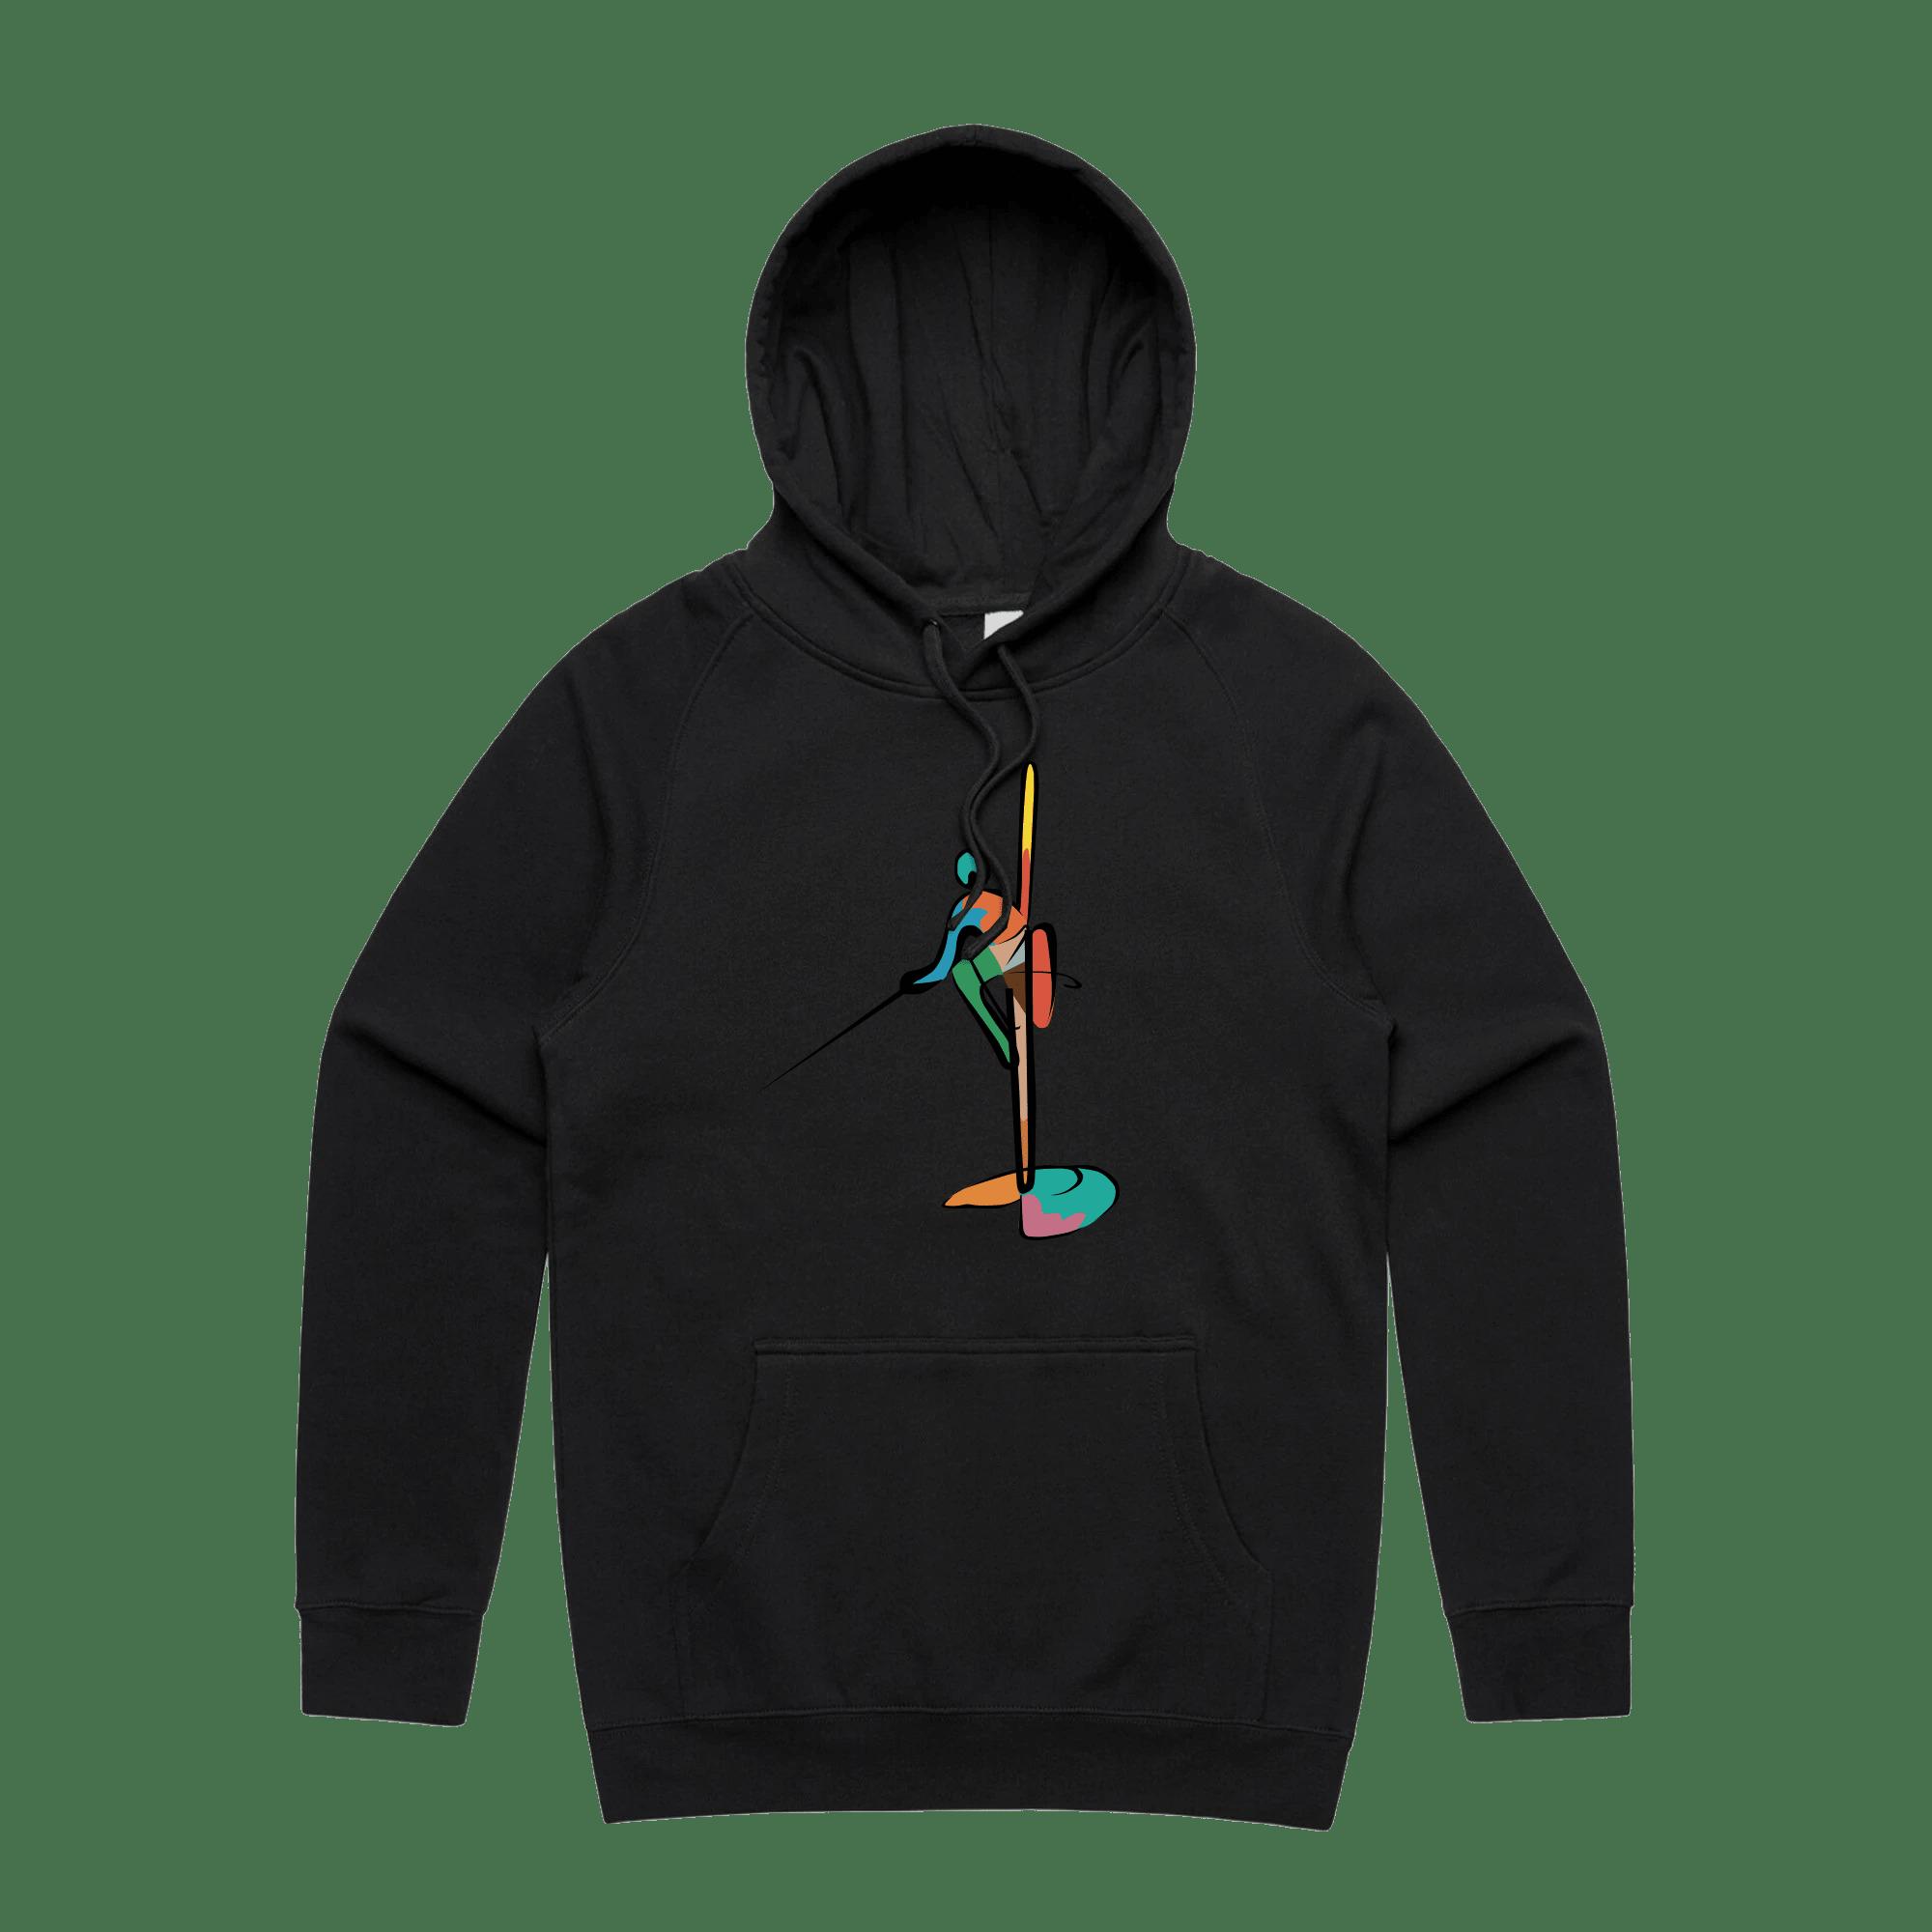 Colourful Fisherman Hoodie - BLACK